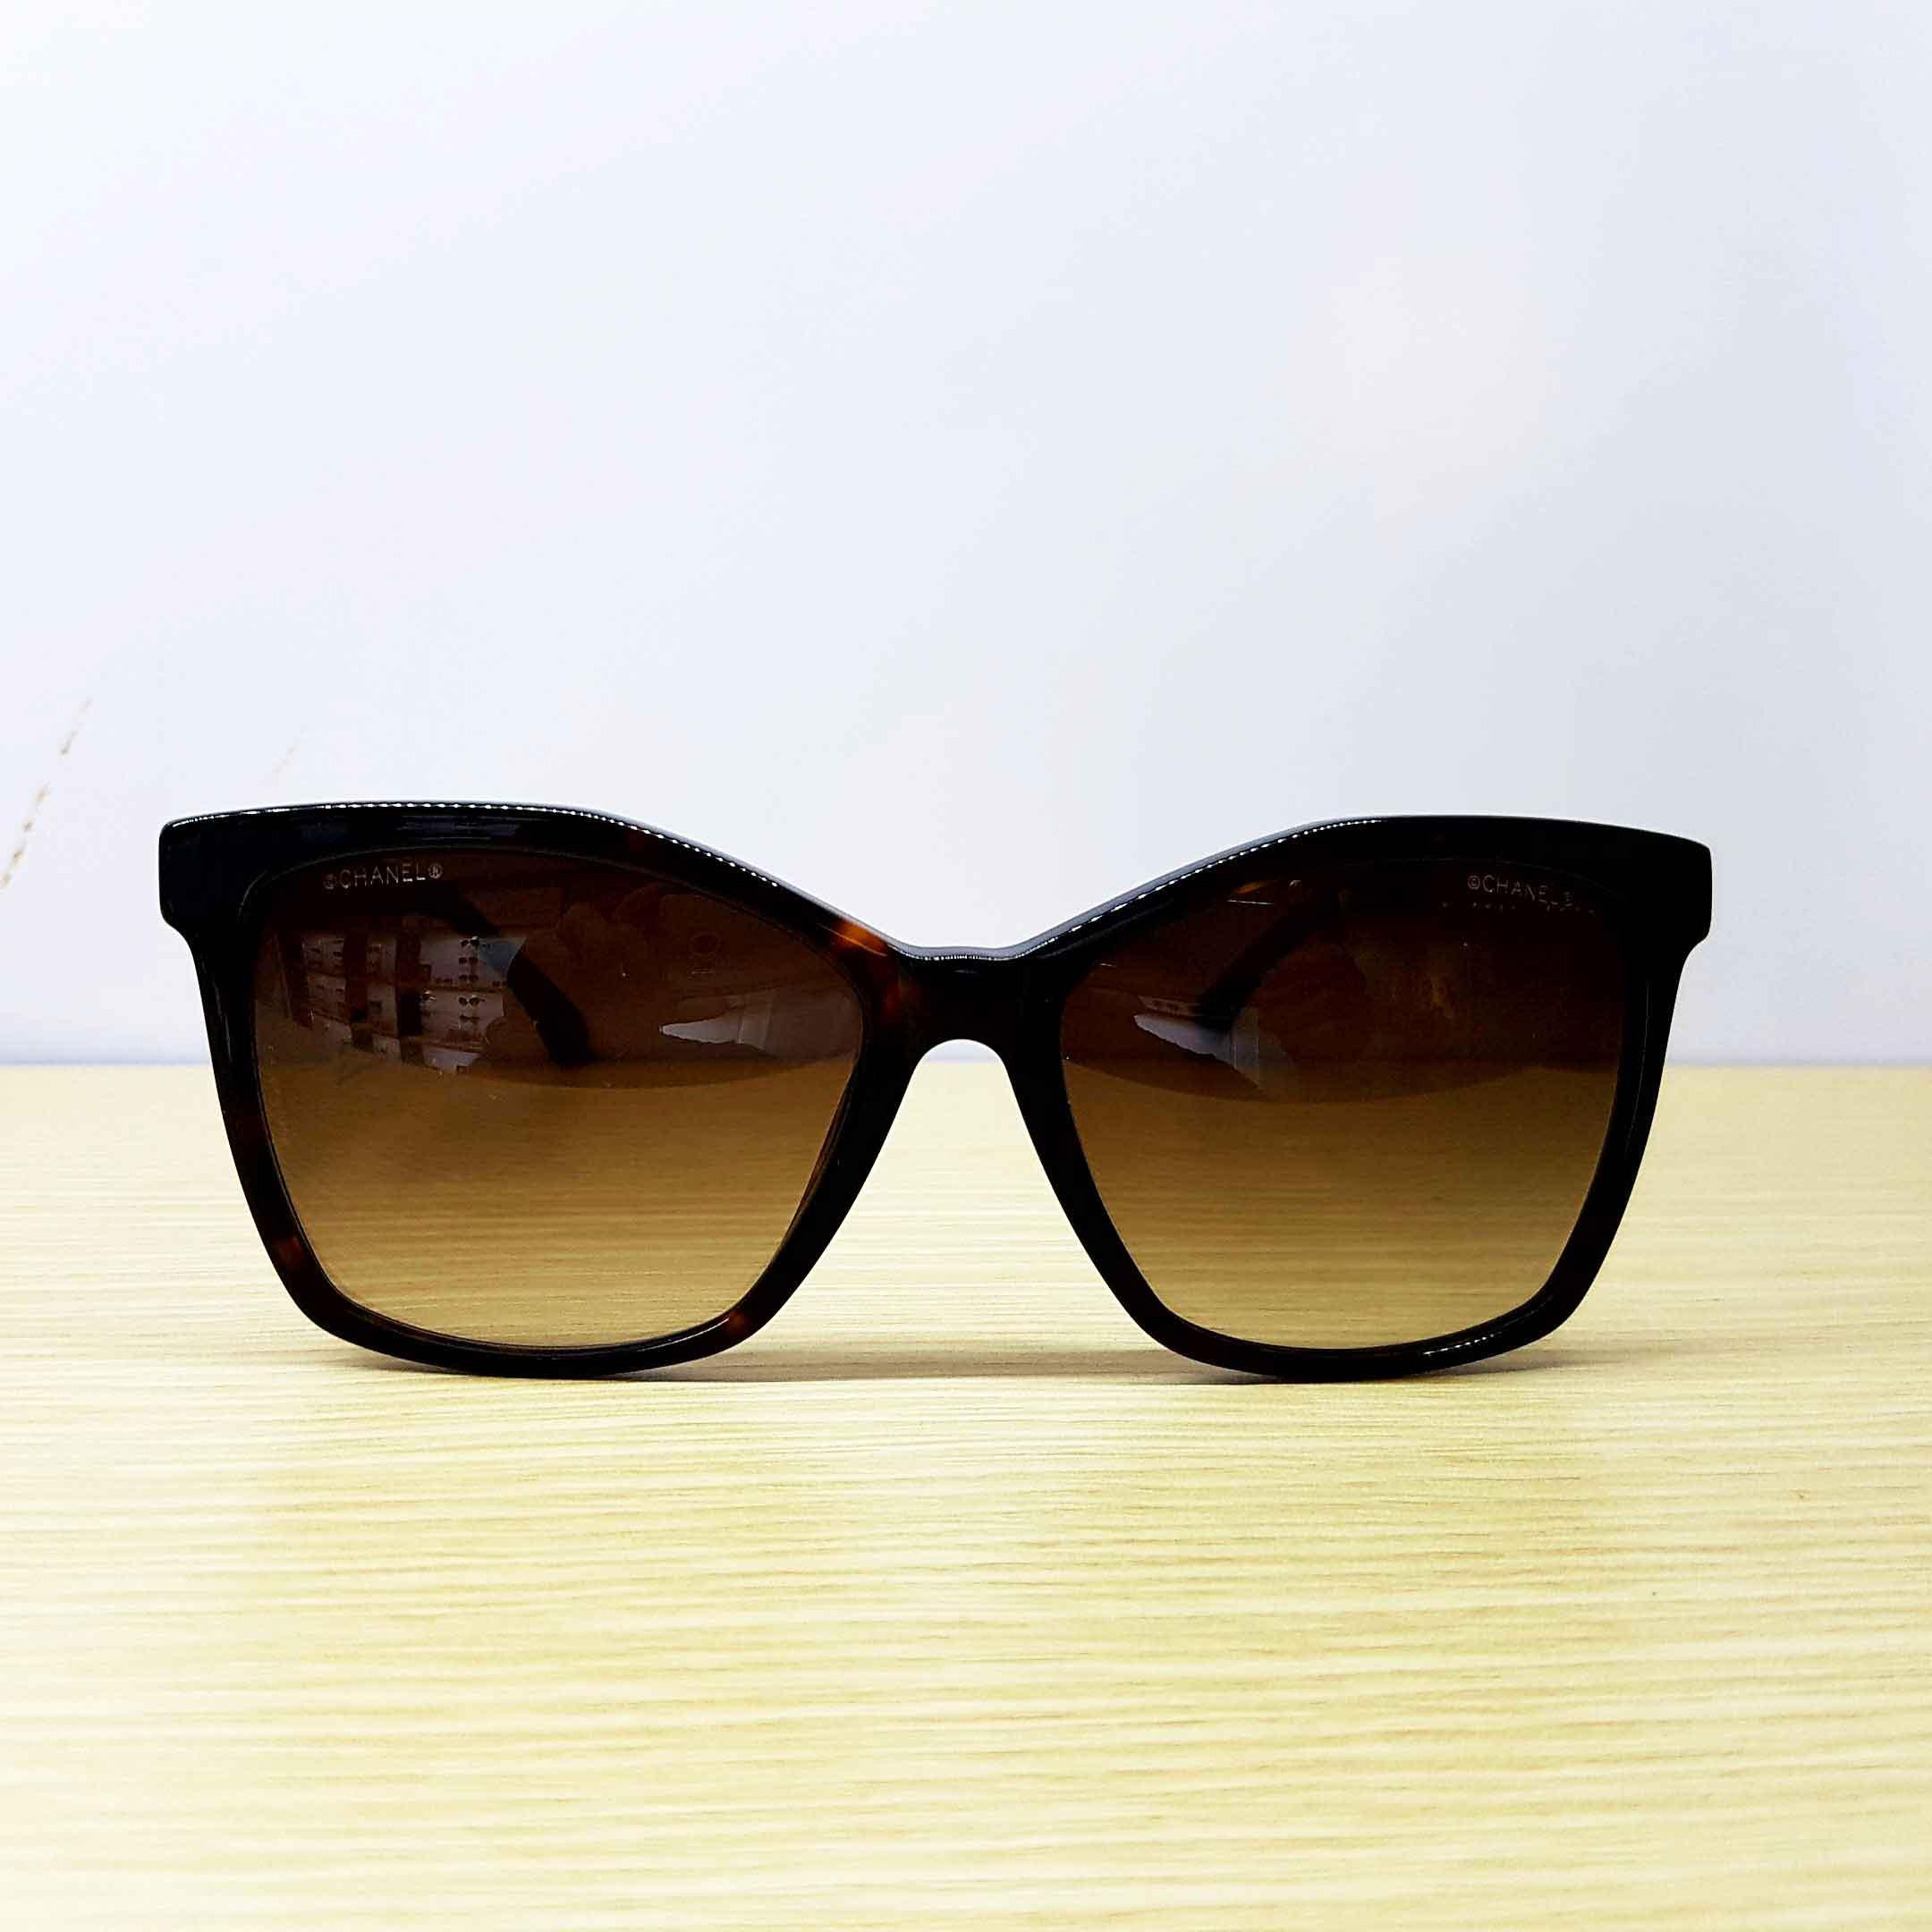 Chanel 5374 2